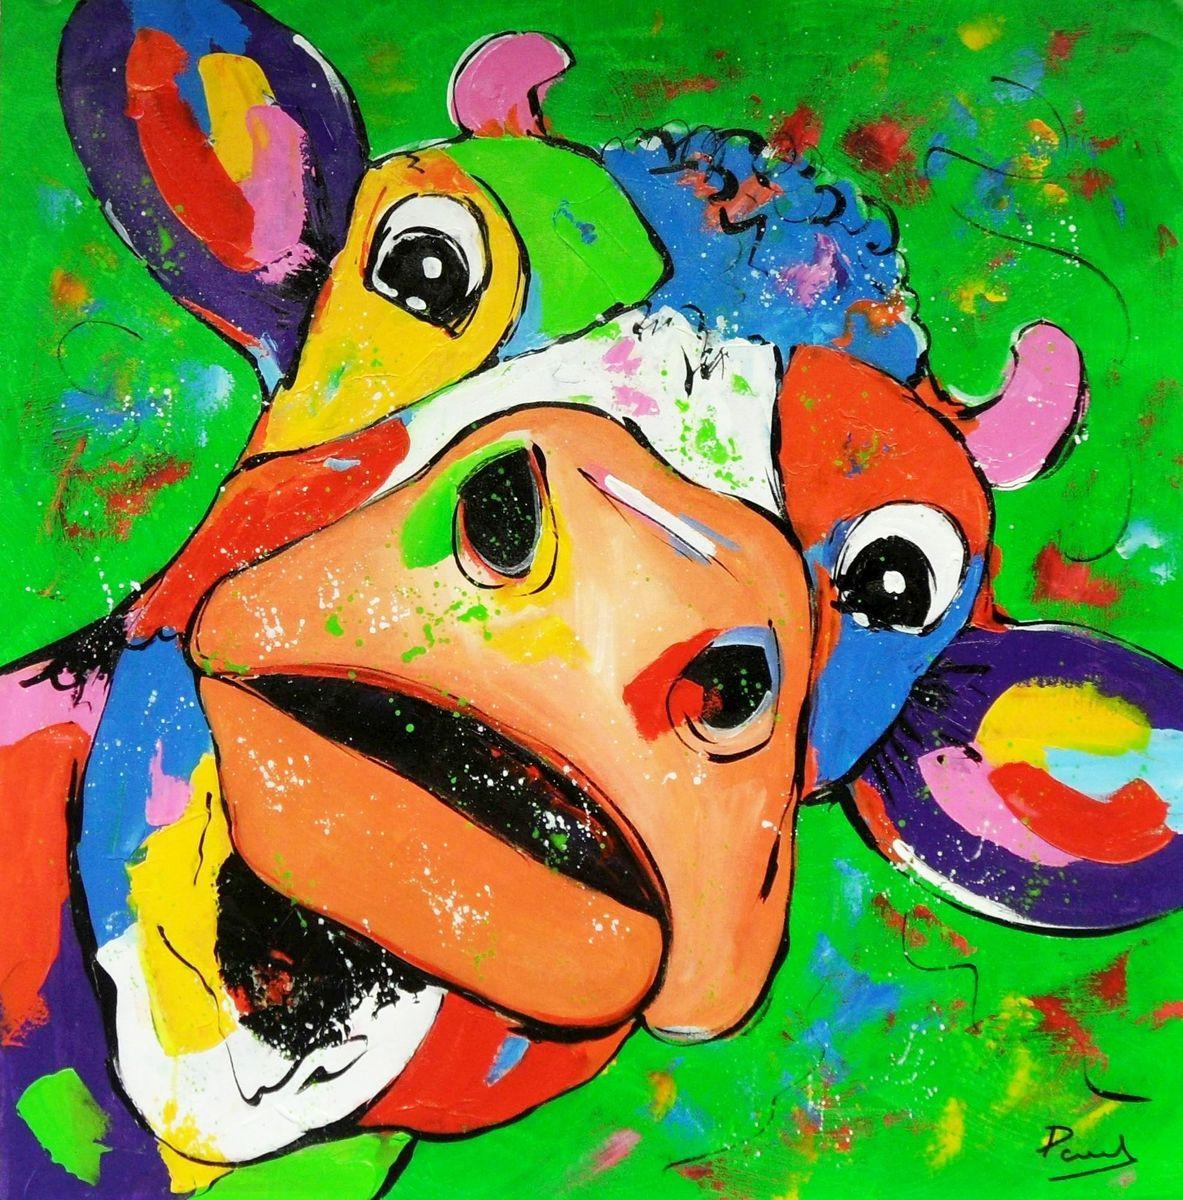 Modern Art - Kuh Elsa g96482 80x80cm lustiges Ölbild